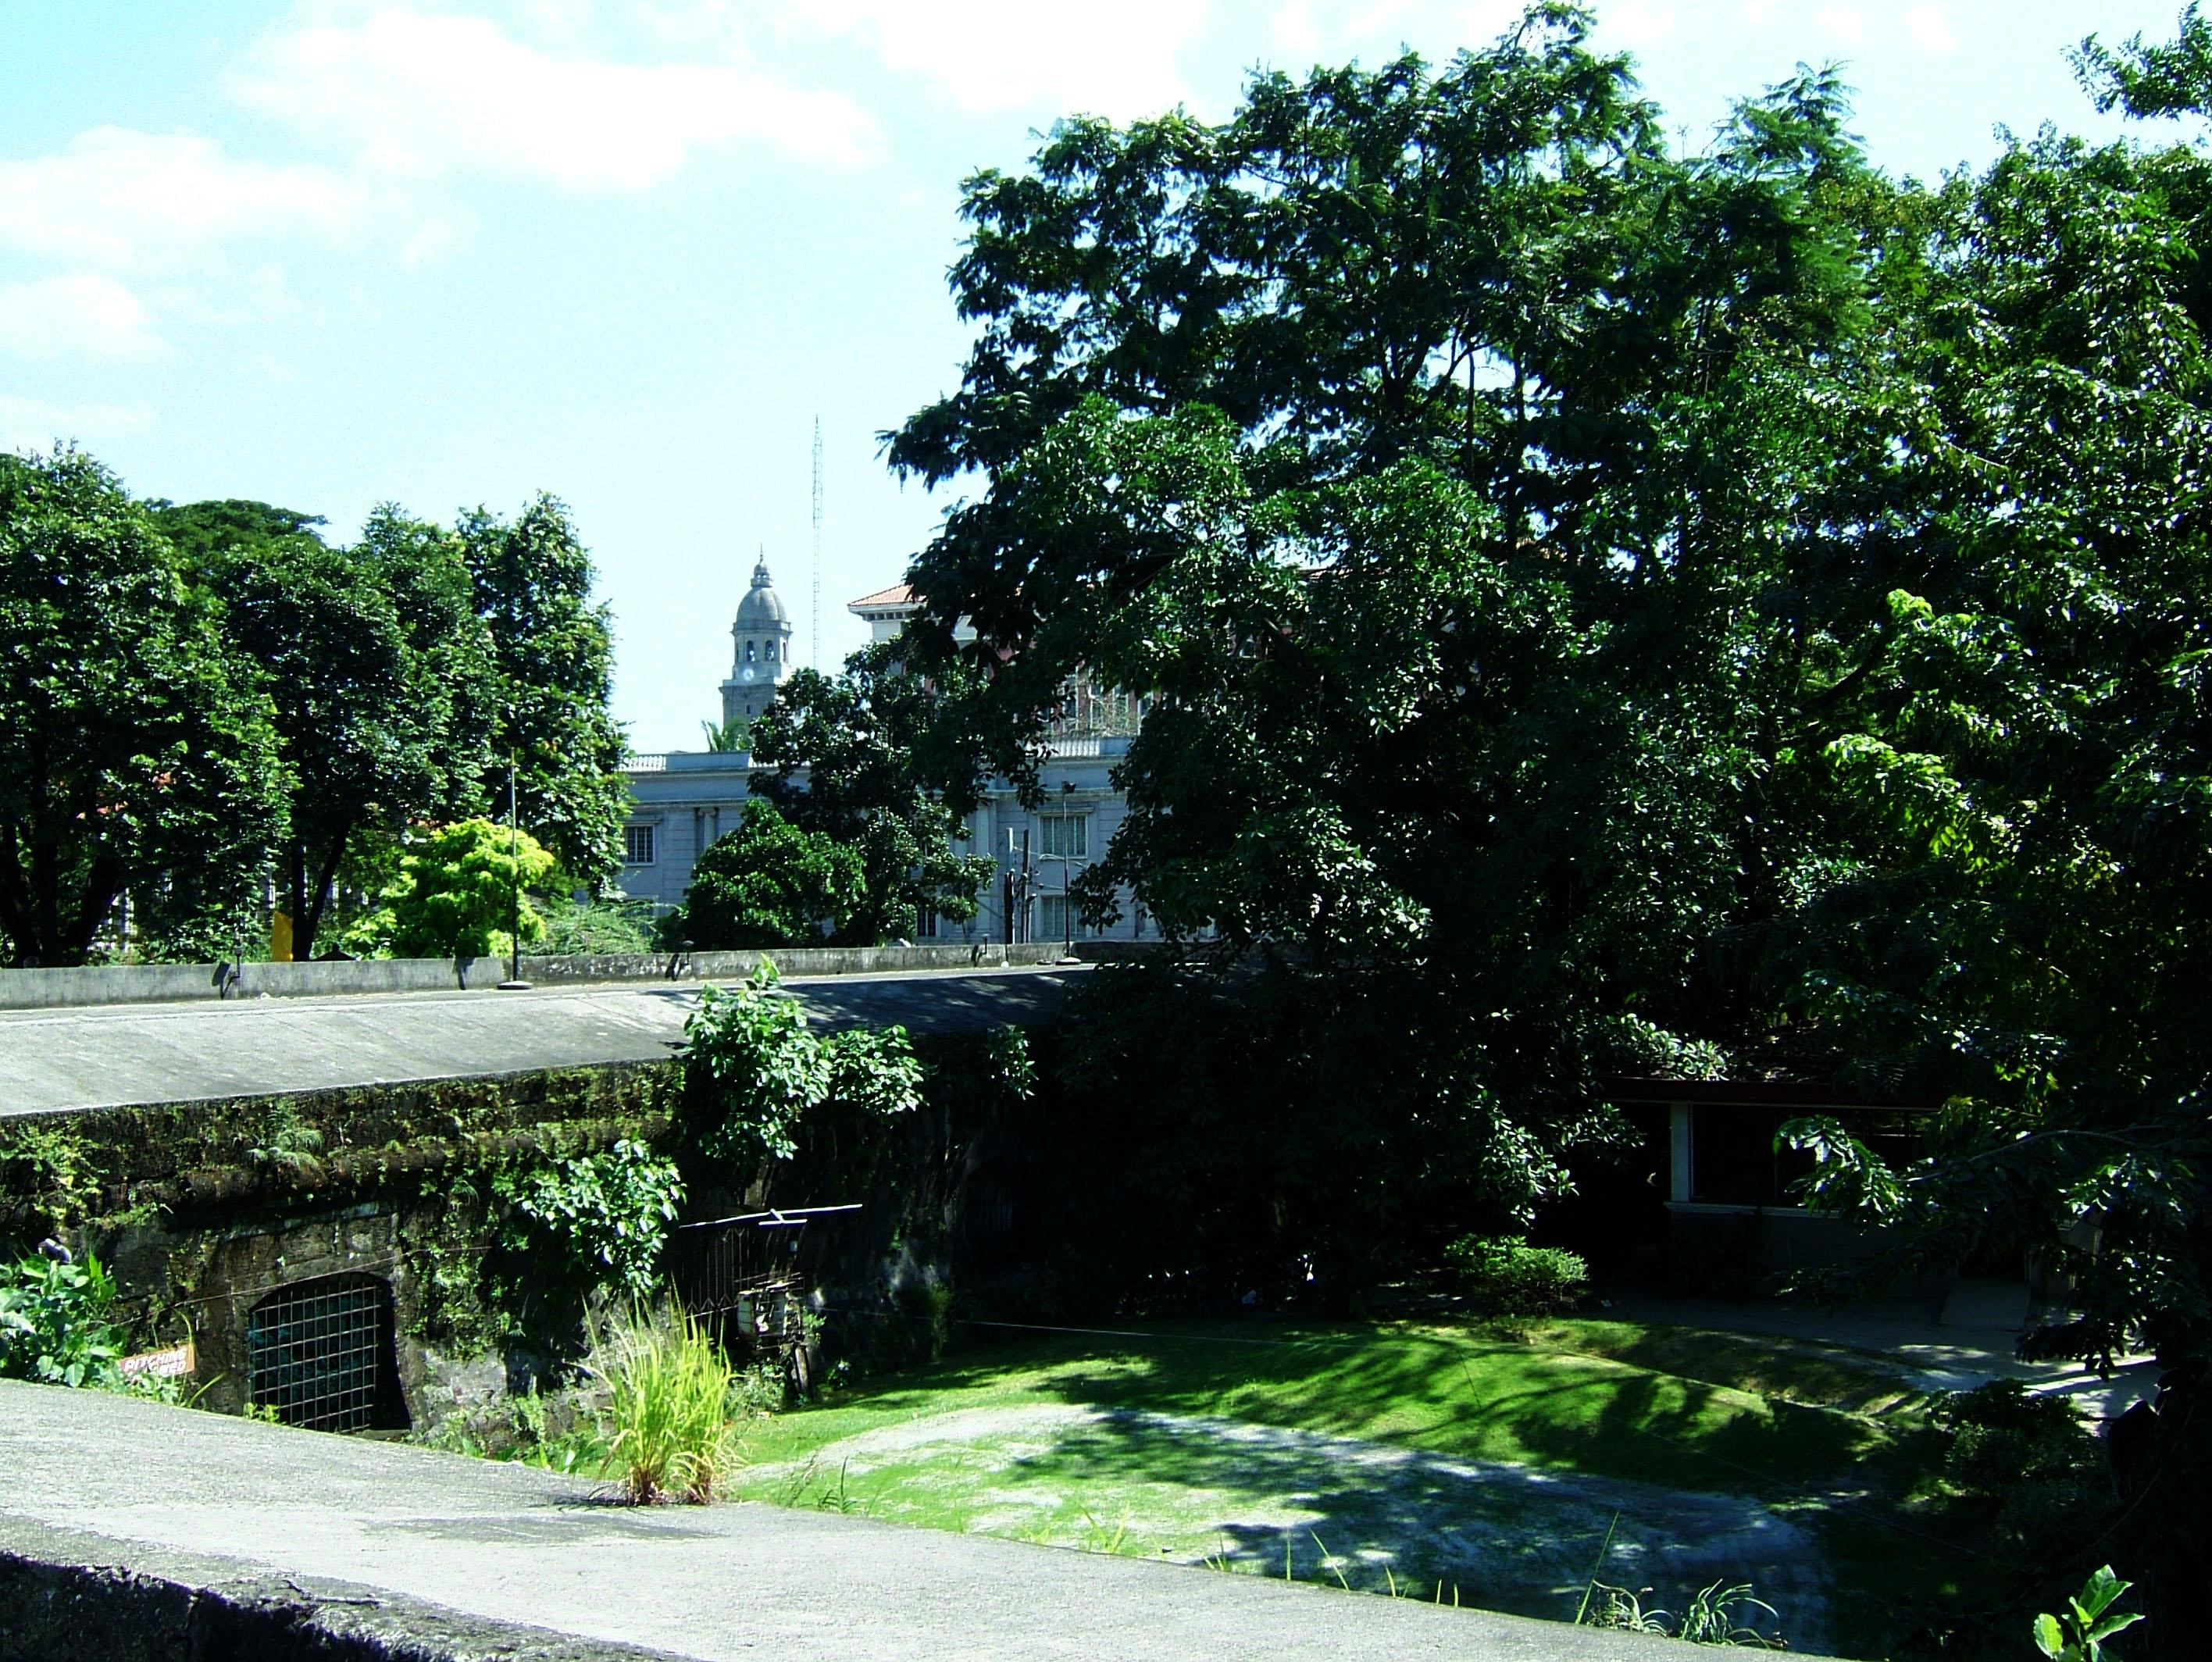 Philippines Luzon Manila Fort Santiago grounds Dec 2003 02